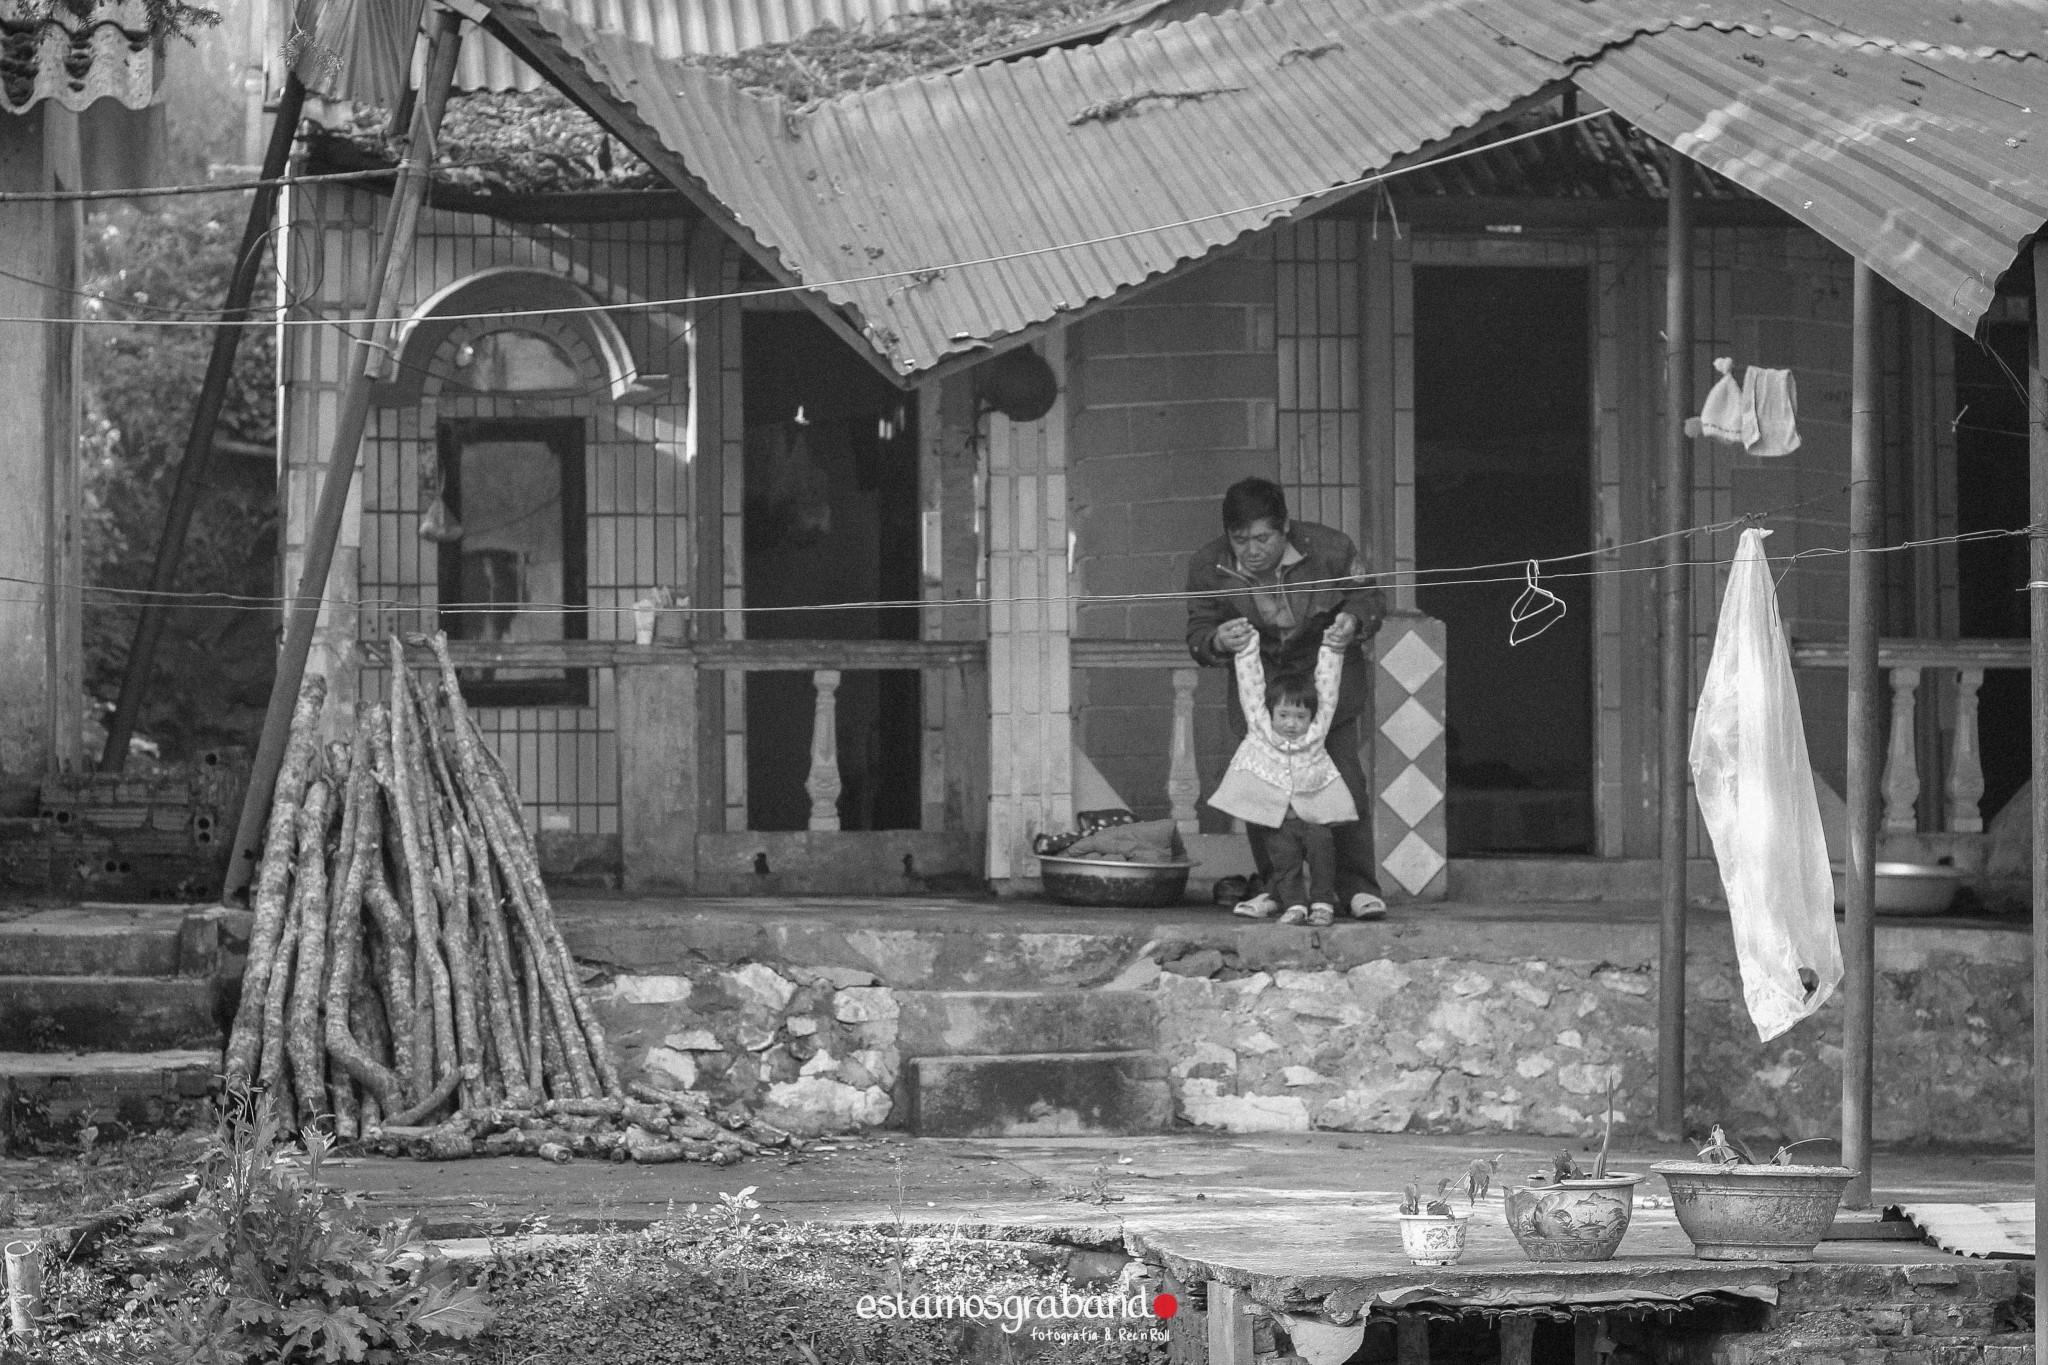 reportaje-vietnam_fotograficc81a-vietnam_estamosgrabando-vietnam_rutasvietnam_reportaje-retratos-fotos-vietnam_fotografia-vietnam_reportaje-estamosgrabando-fotograficc81a-vietnam-35 Pequeños grandes recuerdos de Vietnam en 100 imágenes - video boda cadiz